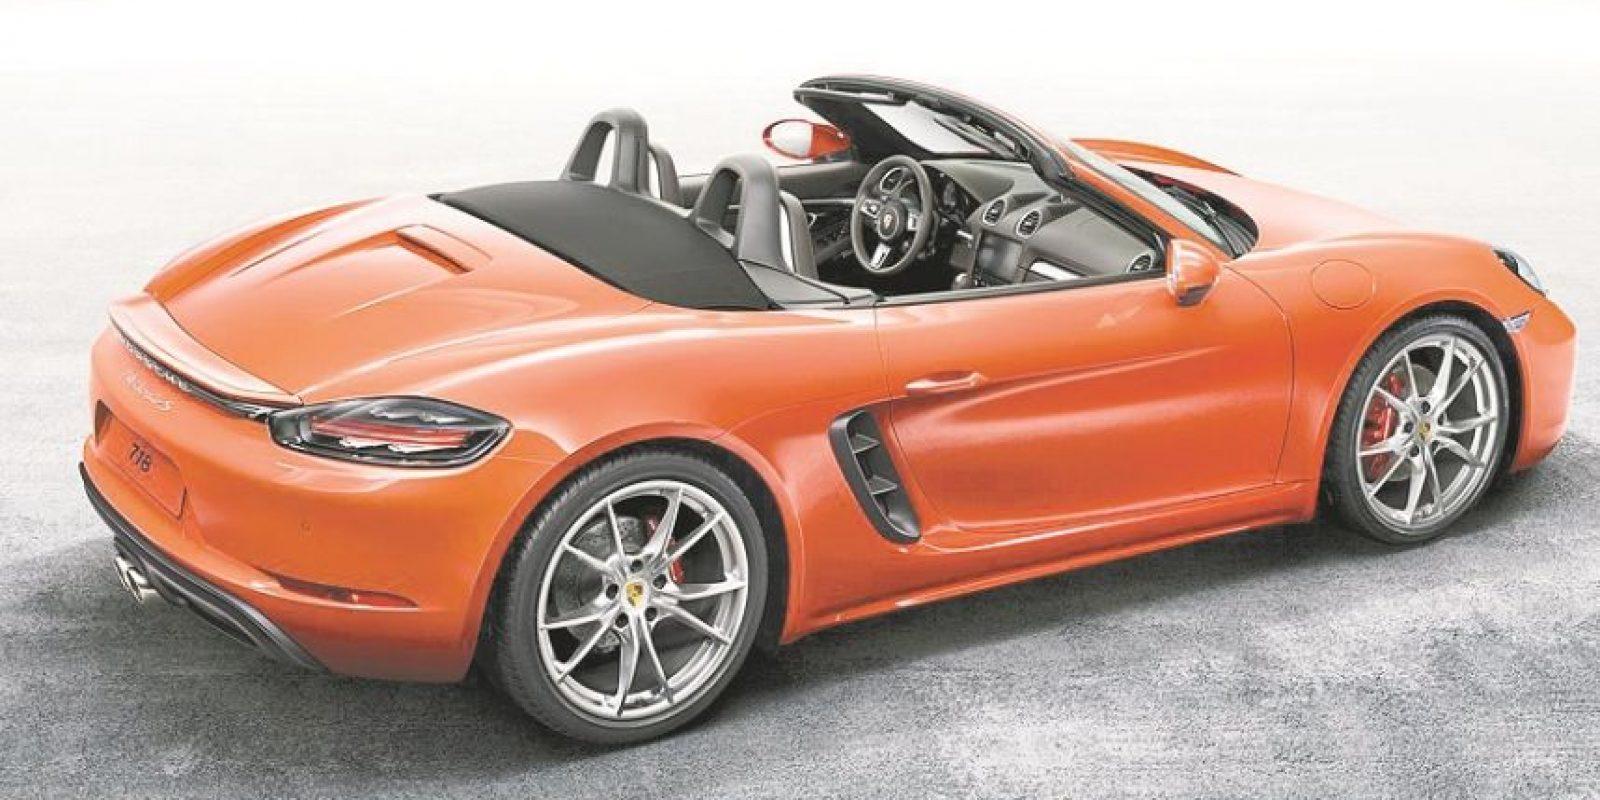 El diseño de este deportivo es alucinante, además de que todo forma parte de un concepto aerodinámico. Foto:porsche